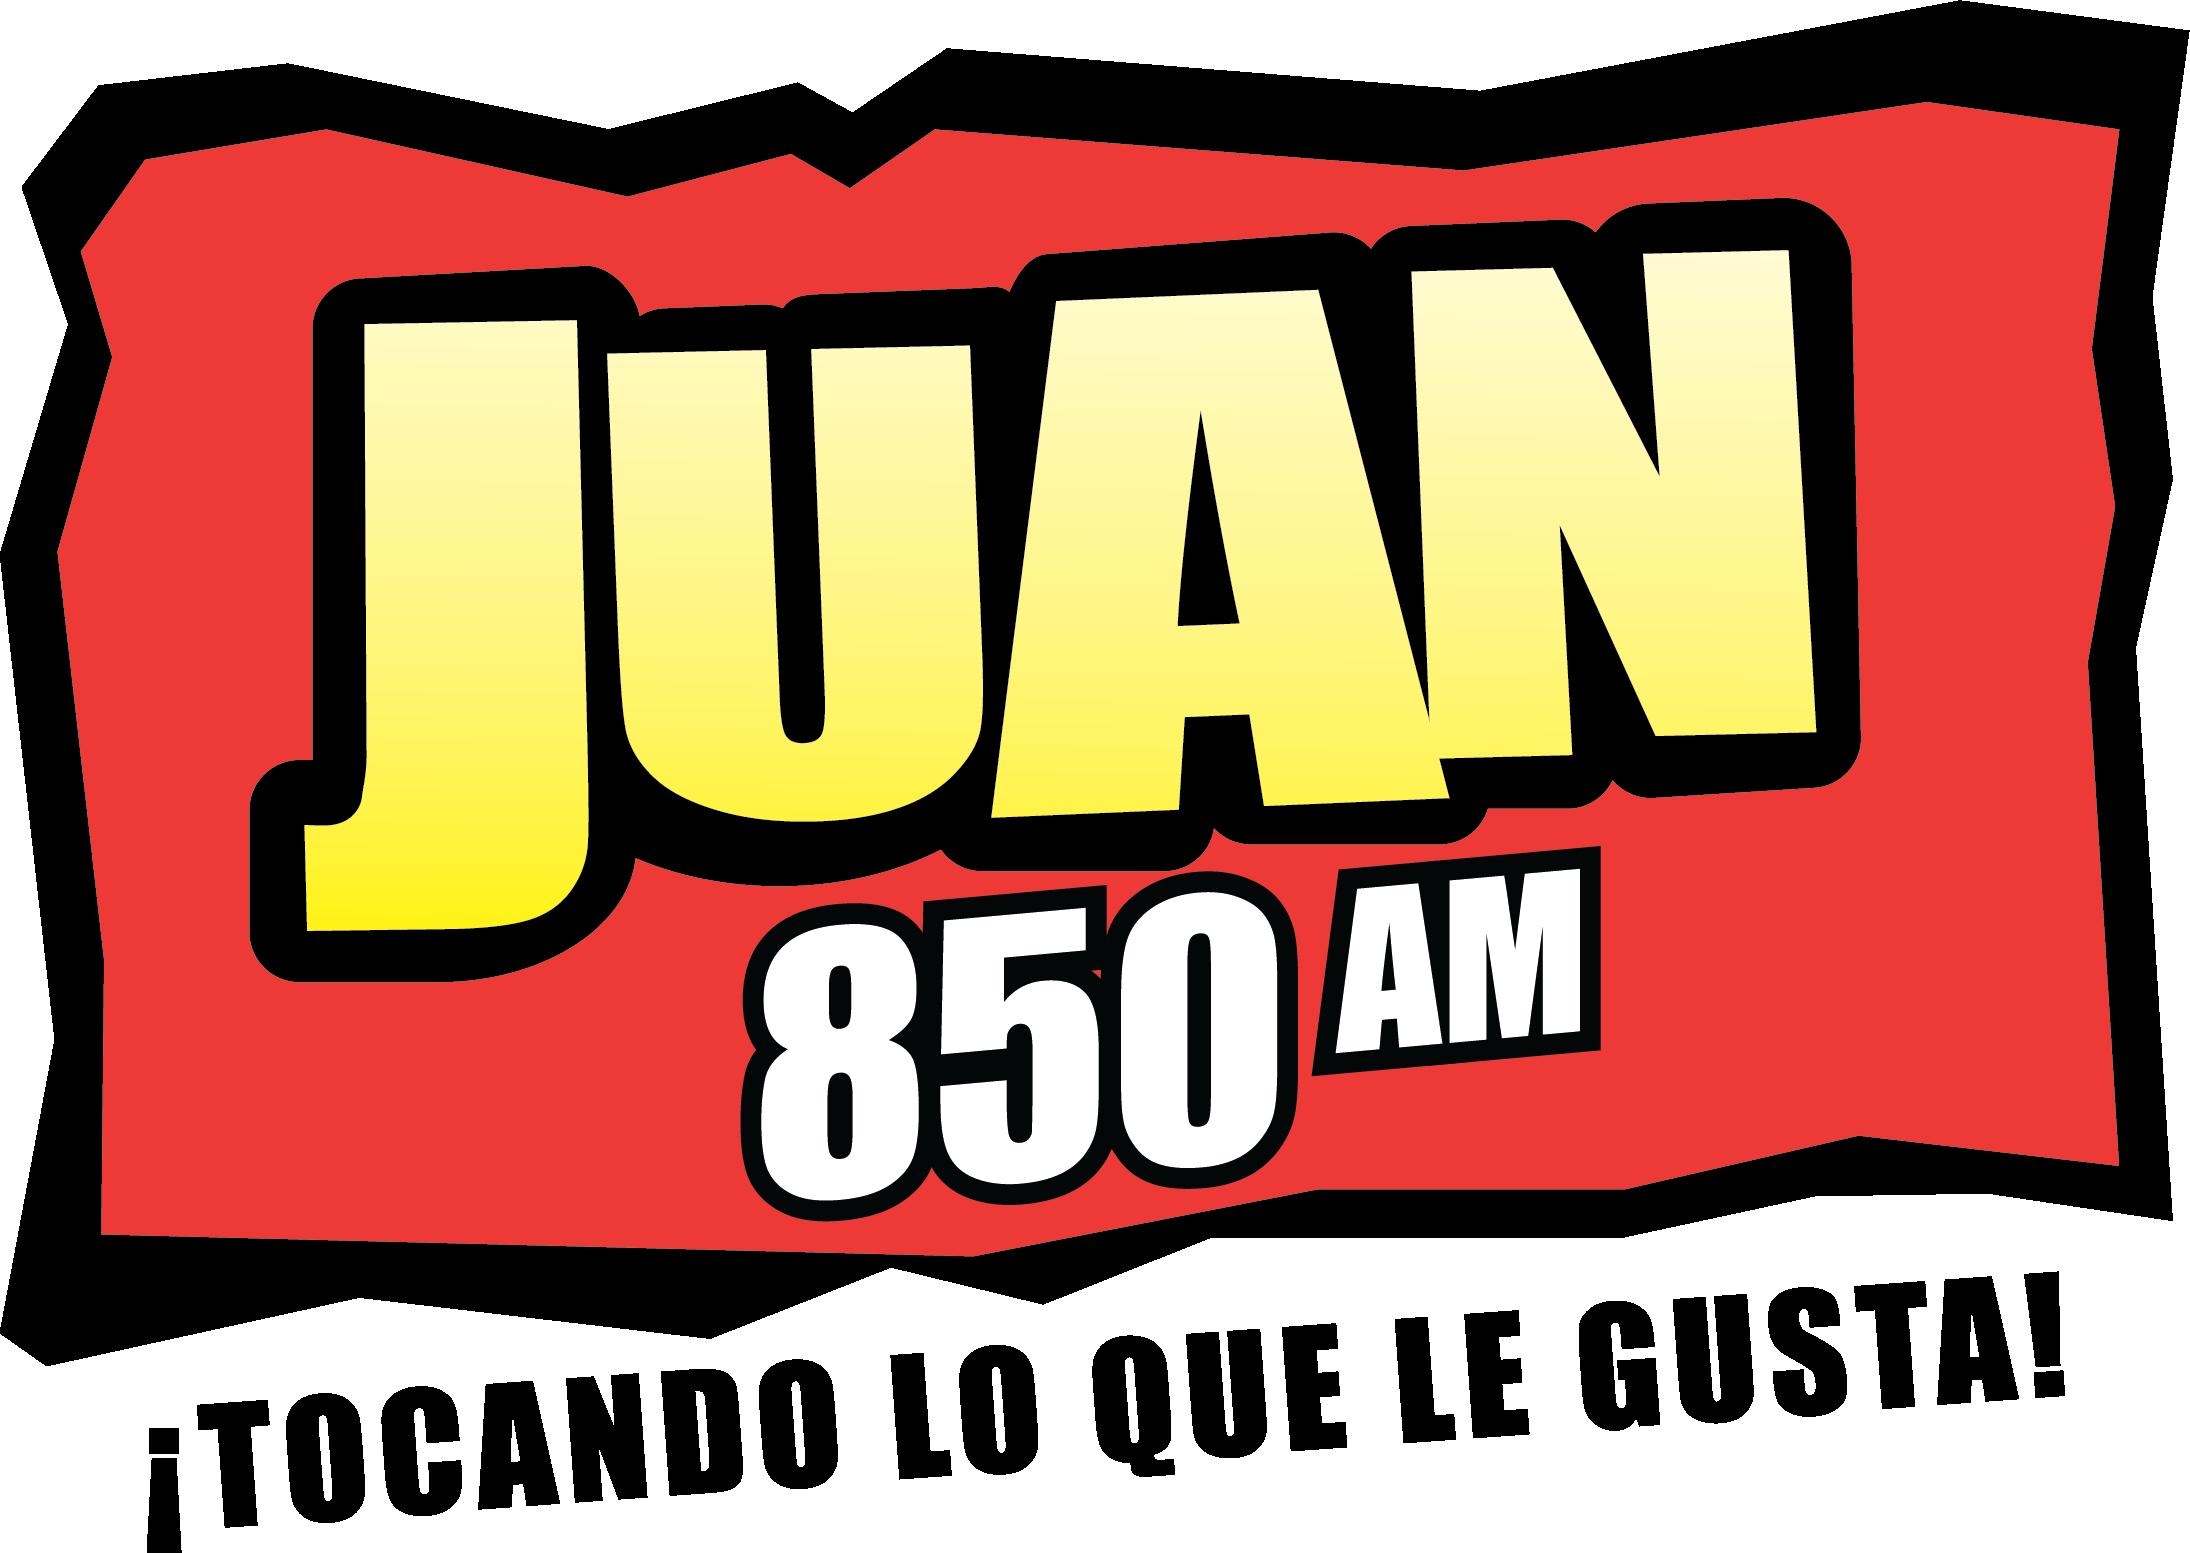 Juan 850 AM